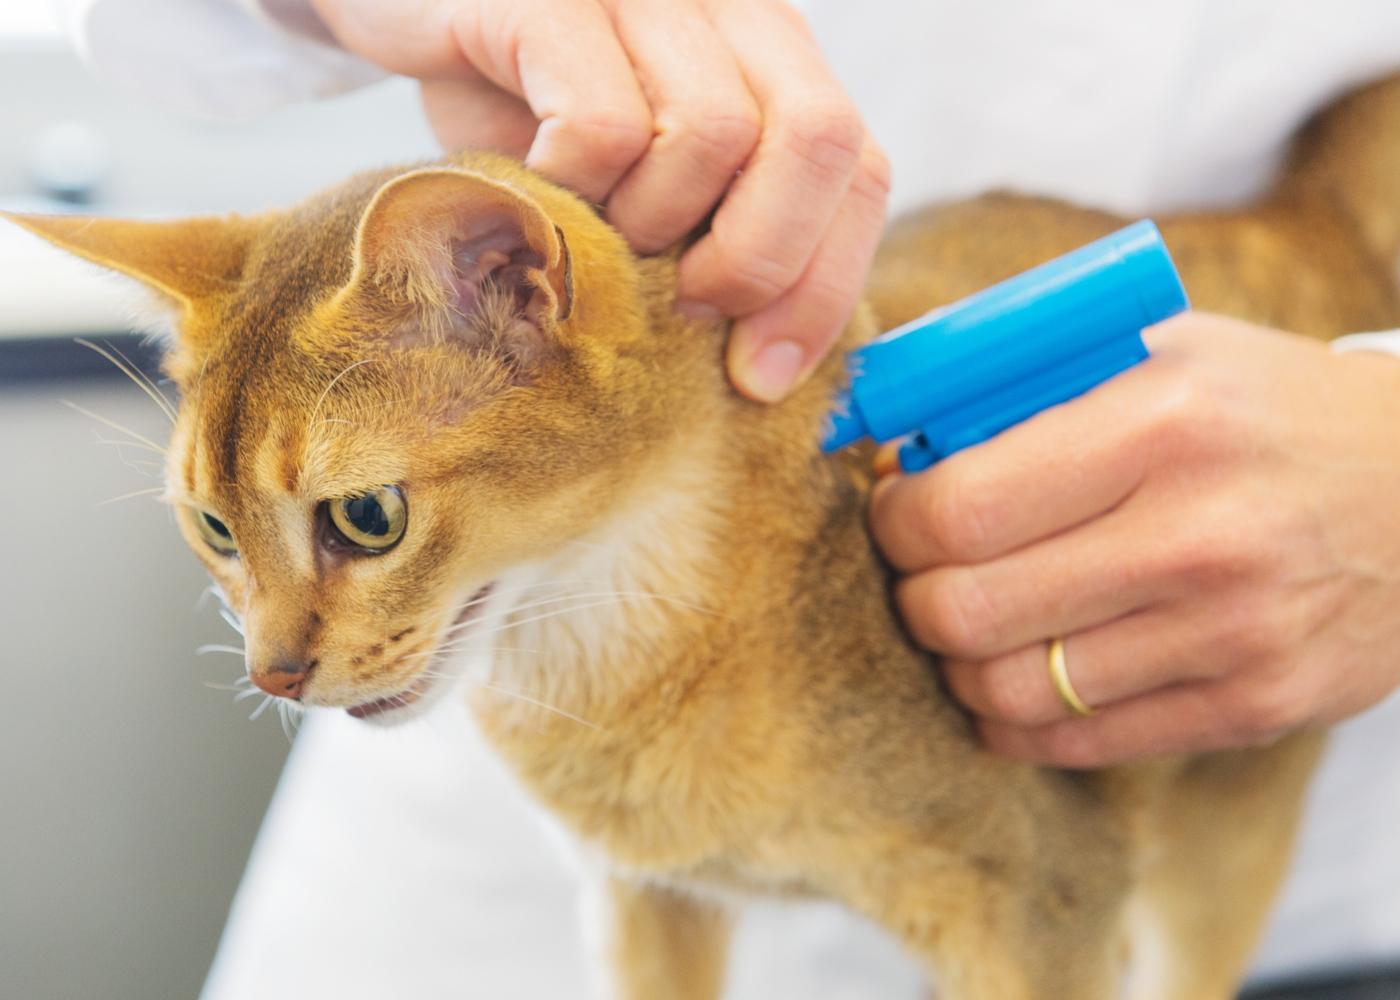 Obrigatoriedade de declarar óbito e desaparecimento de animais de companhia: veterinário a colocar chip em gato